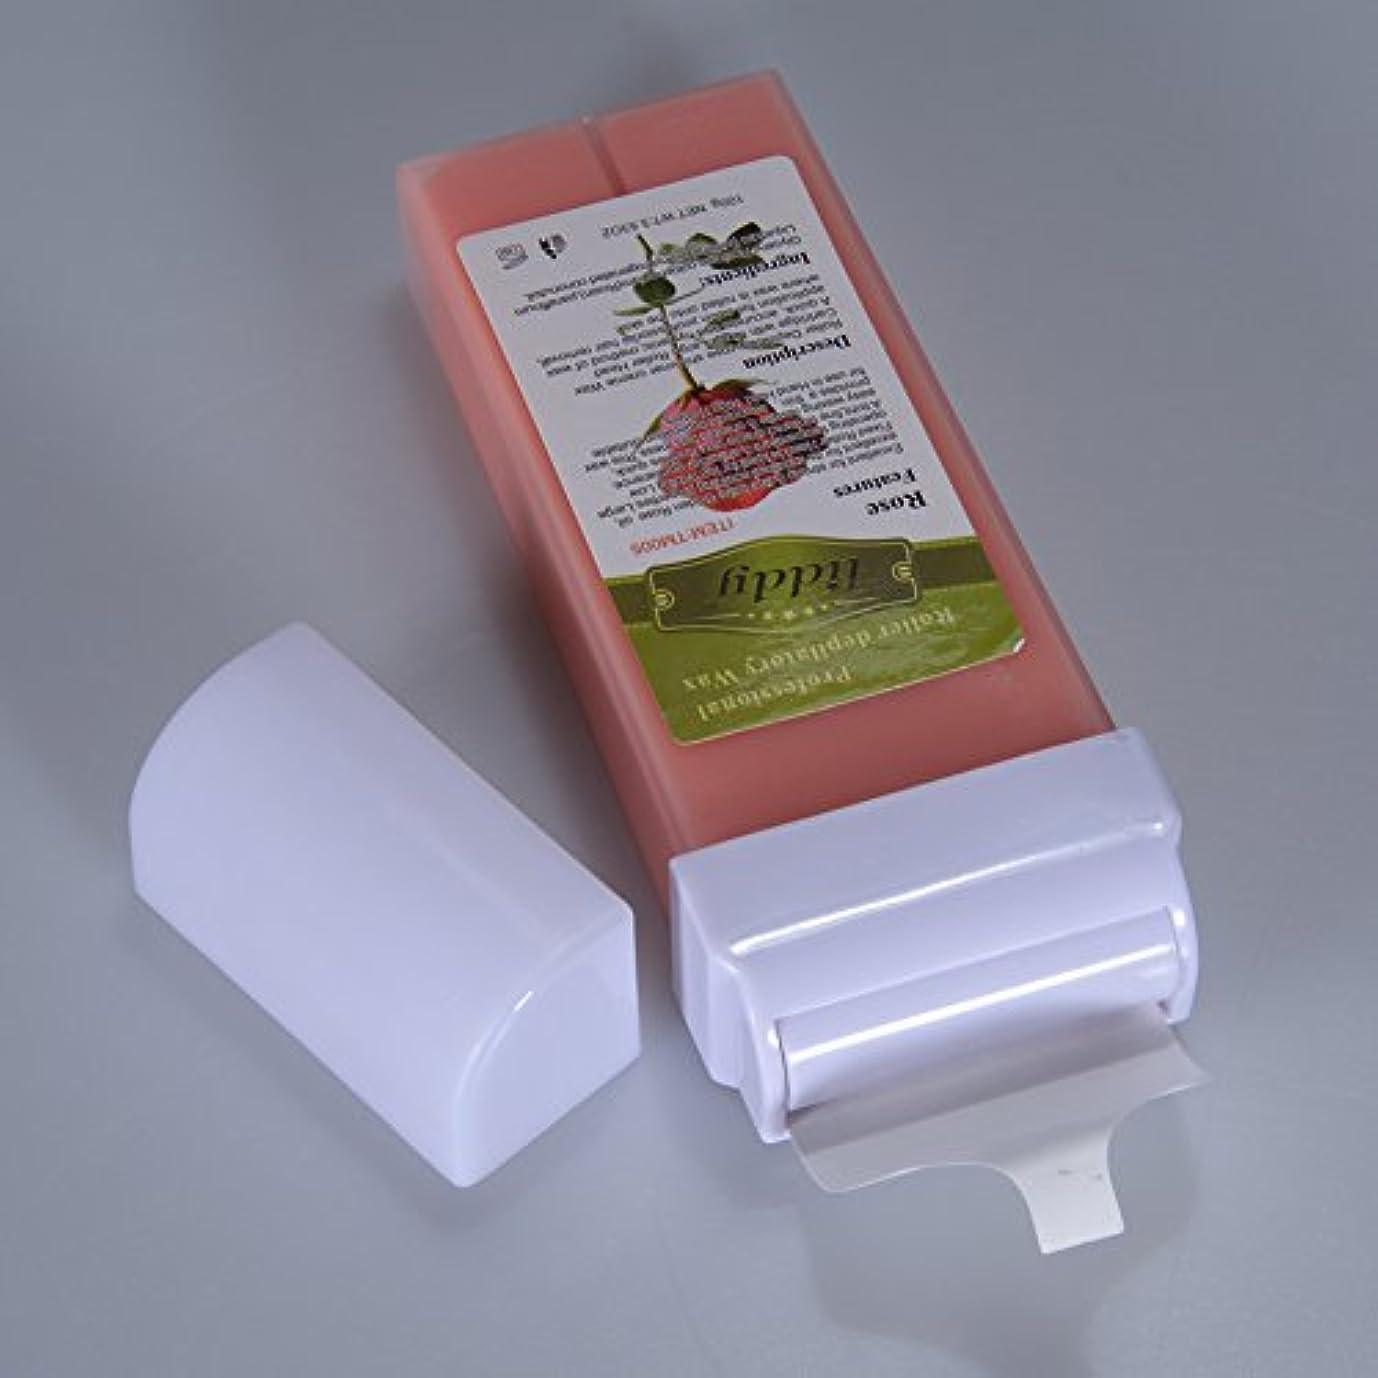 避けられない不毛通常Rabugoo 脱毛プロフェッショナル使用水溶性脱毛砂糖ワックスカートリッジワックスグッドスメル - 100g / 3.53oz 100g rose